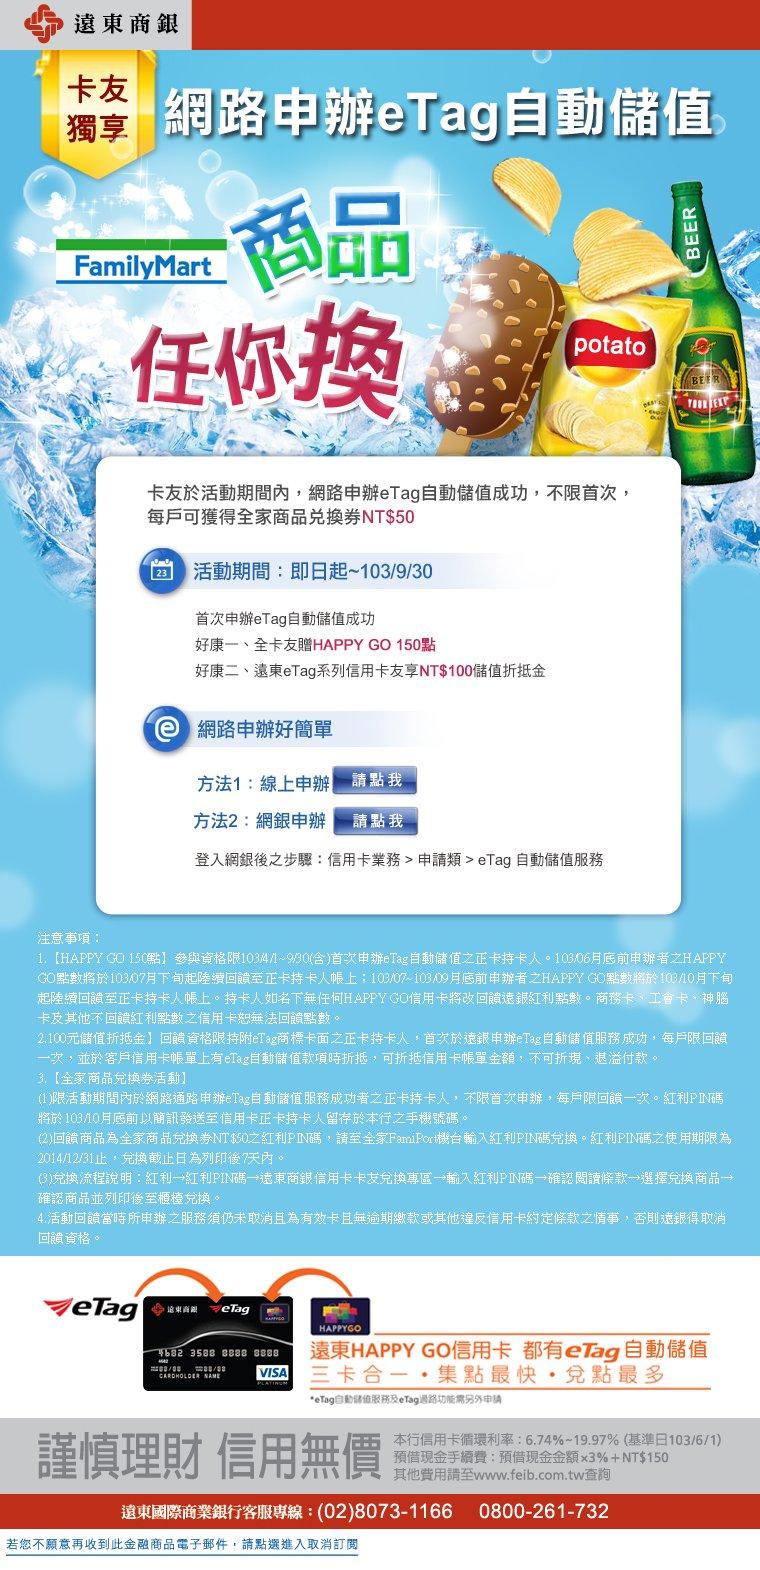 遠東銀行-etage自動儲值